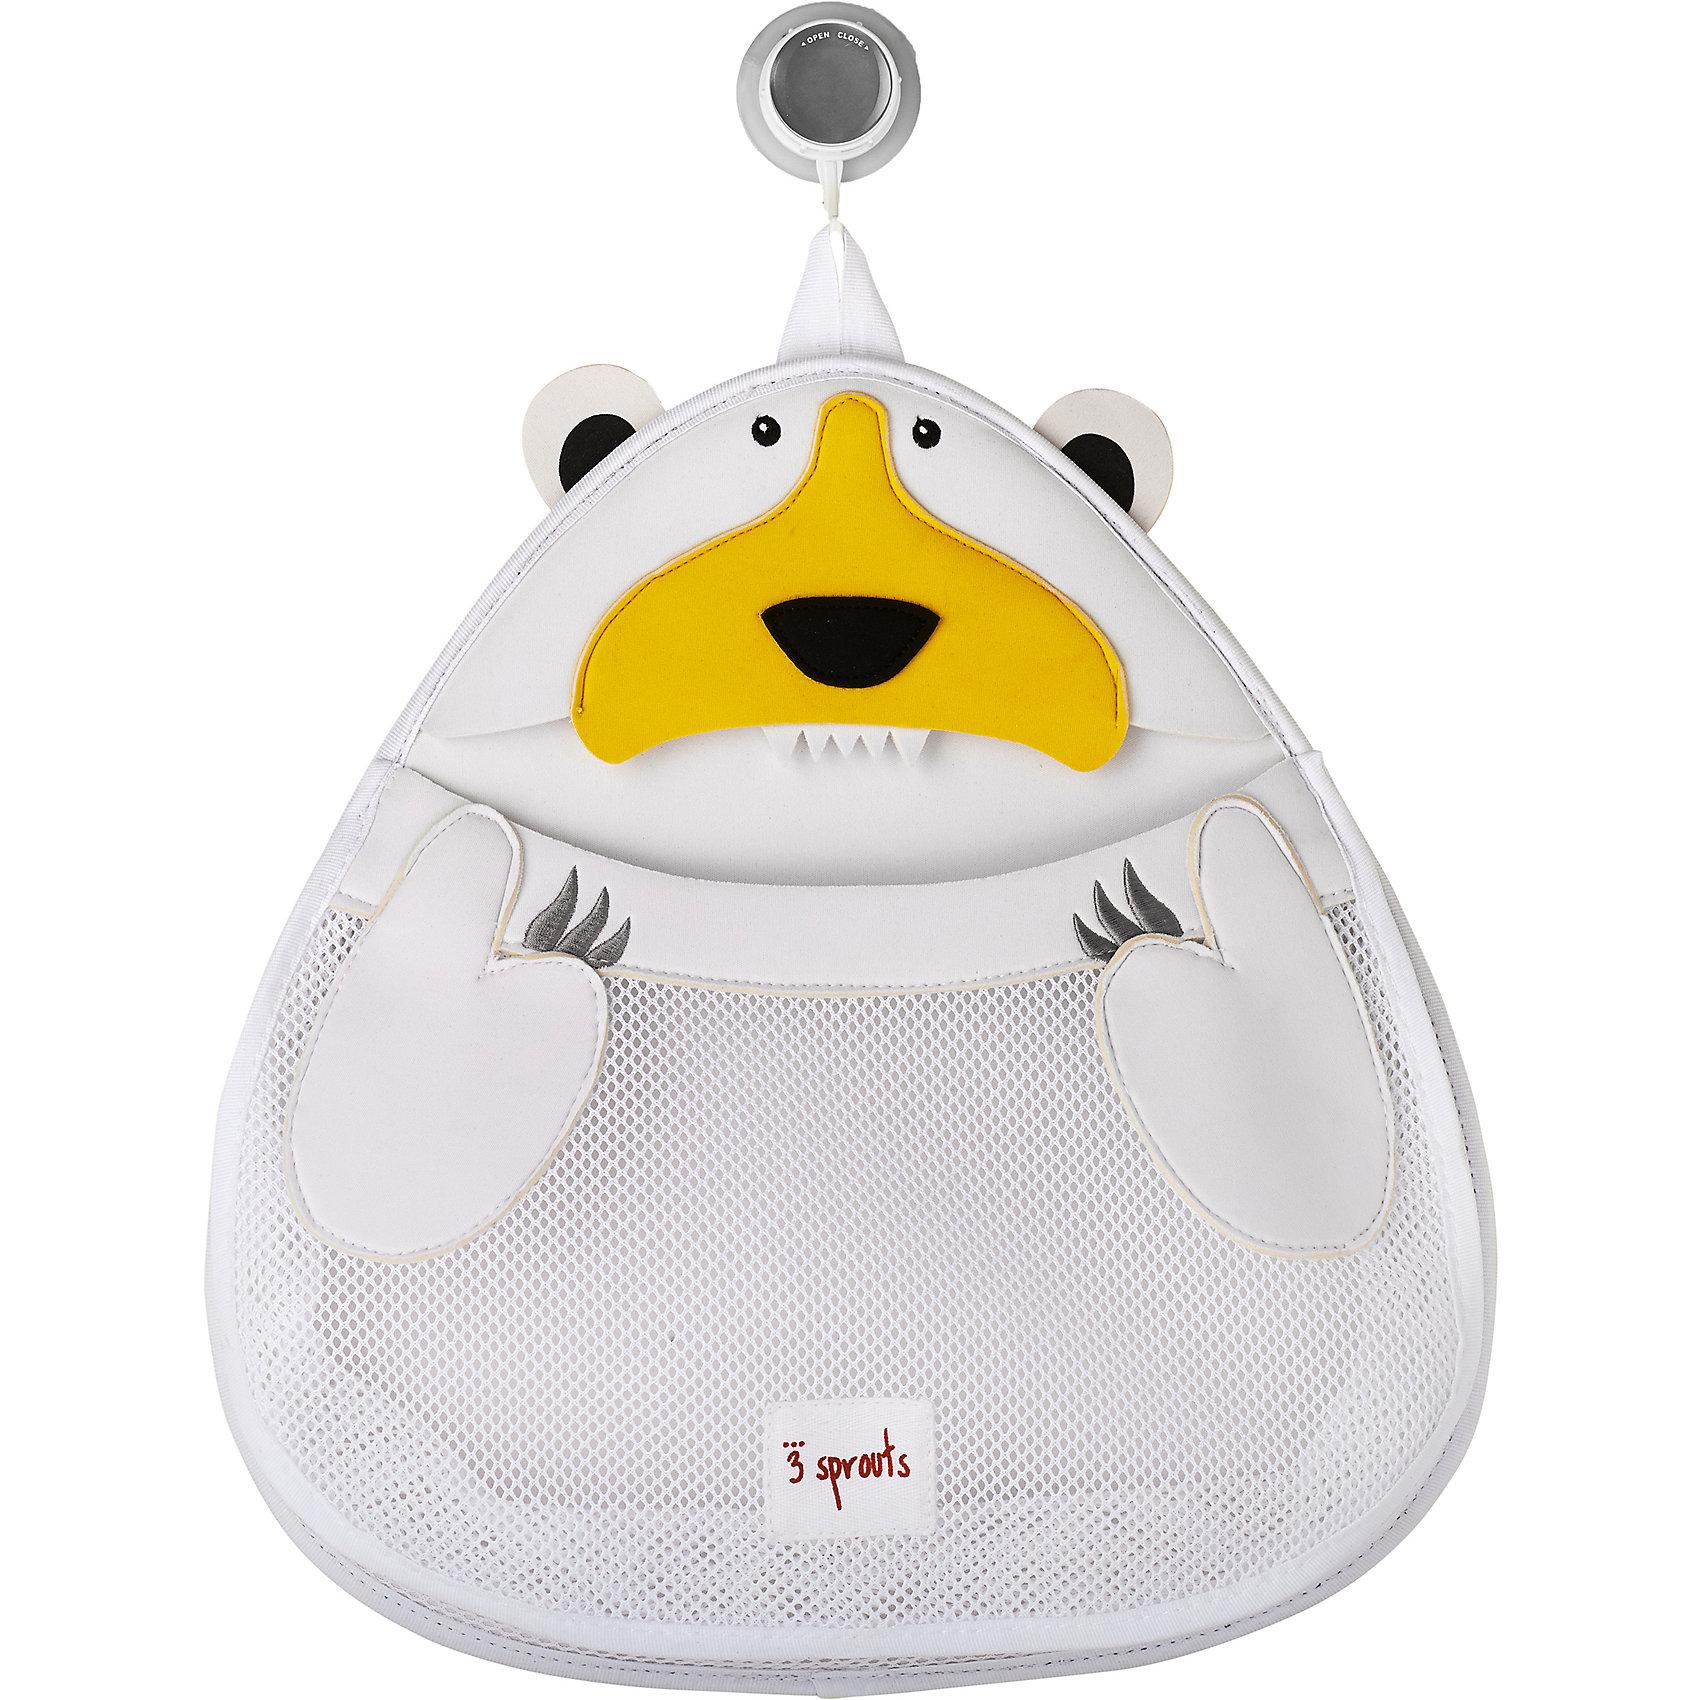 Органайзер для ванной Белый мишка (White Polar bear), 3 SproutsВанная комната<br>Такой яркий органайзер прекрасно подойдёт для хранения банных принадлежностей Вашего малыша! <br><br>Дополнительная информация:<br><br>- Размер: 38х37 см.<br>- Материал: 100% неопрен, 100% полиэстер.<br>- Орнамент: Белый мишка.<br><br>Купить органайзер для ванной Белый мишка (White Polar bear), можно в нашем магазине.<br><br>Ширина мм: 390<br>Глубина мм: 25<br>Высота мм: 370<br>Вес г: 380<br>Возраст от месяцев: 6<br>Возраст до месяцев: 84<br>Пол: Унисекс<br>Возраст: Детский<br>SKU: 5098246